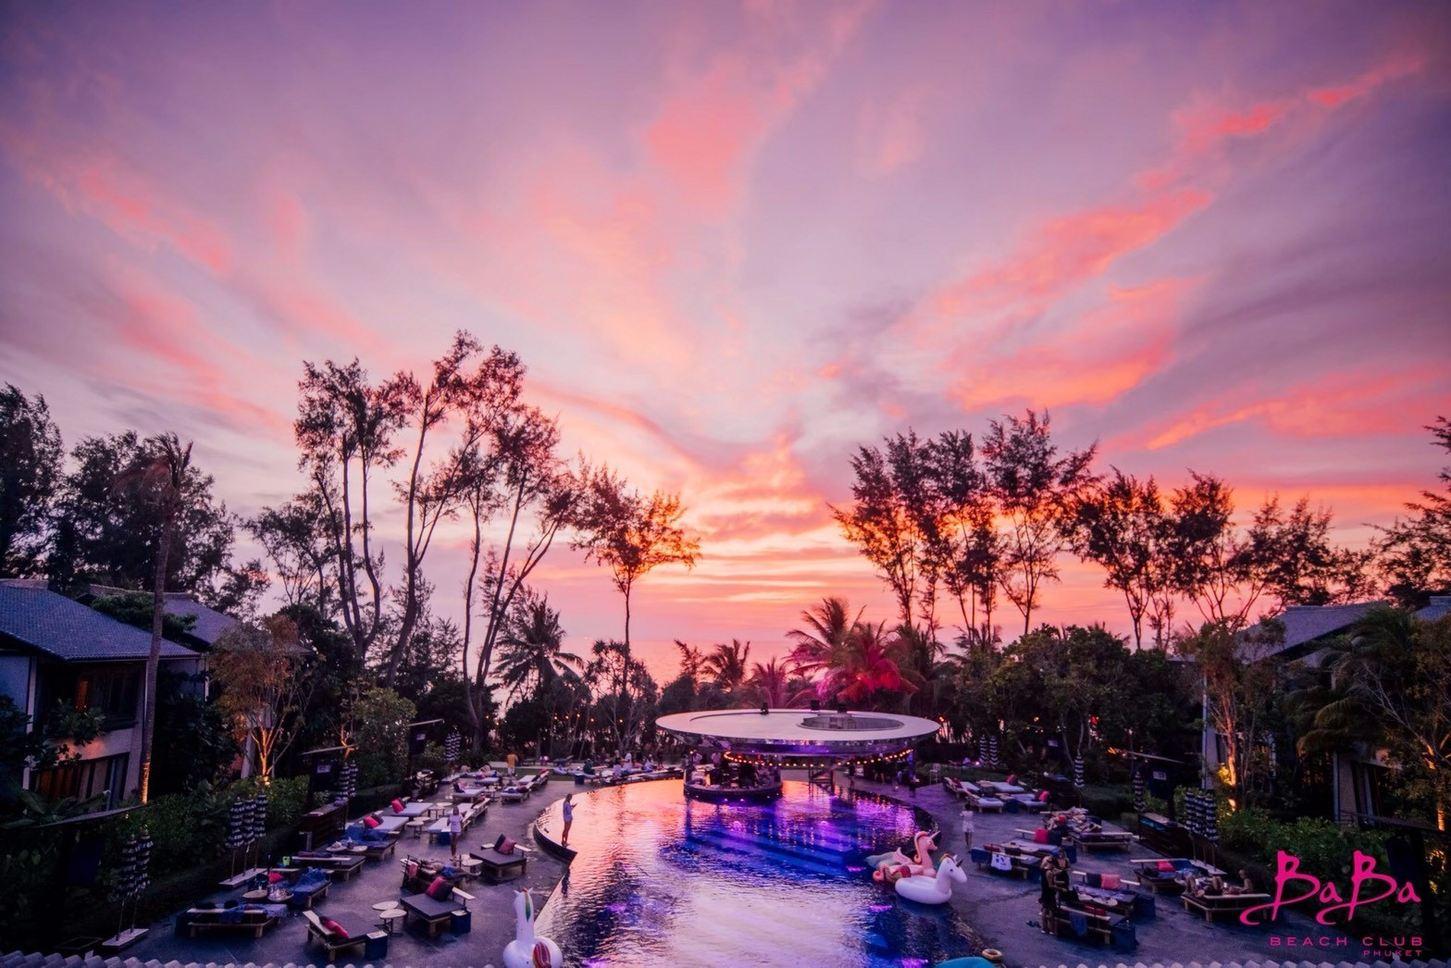 Baba Beach Club, Phuket Image 5